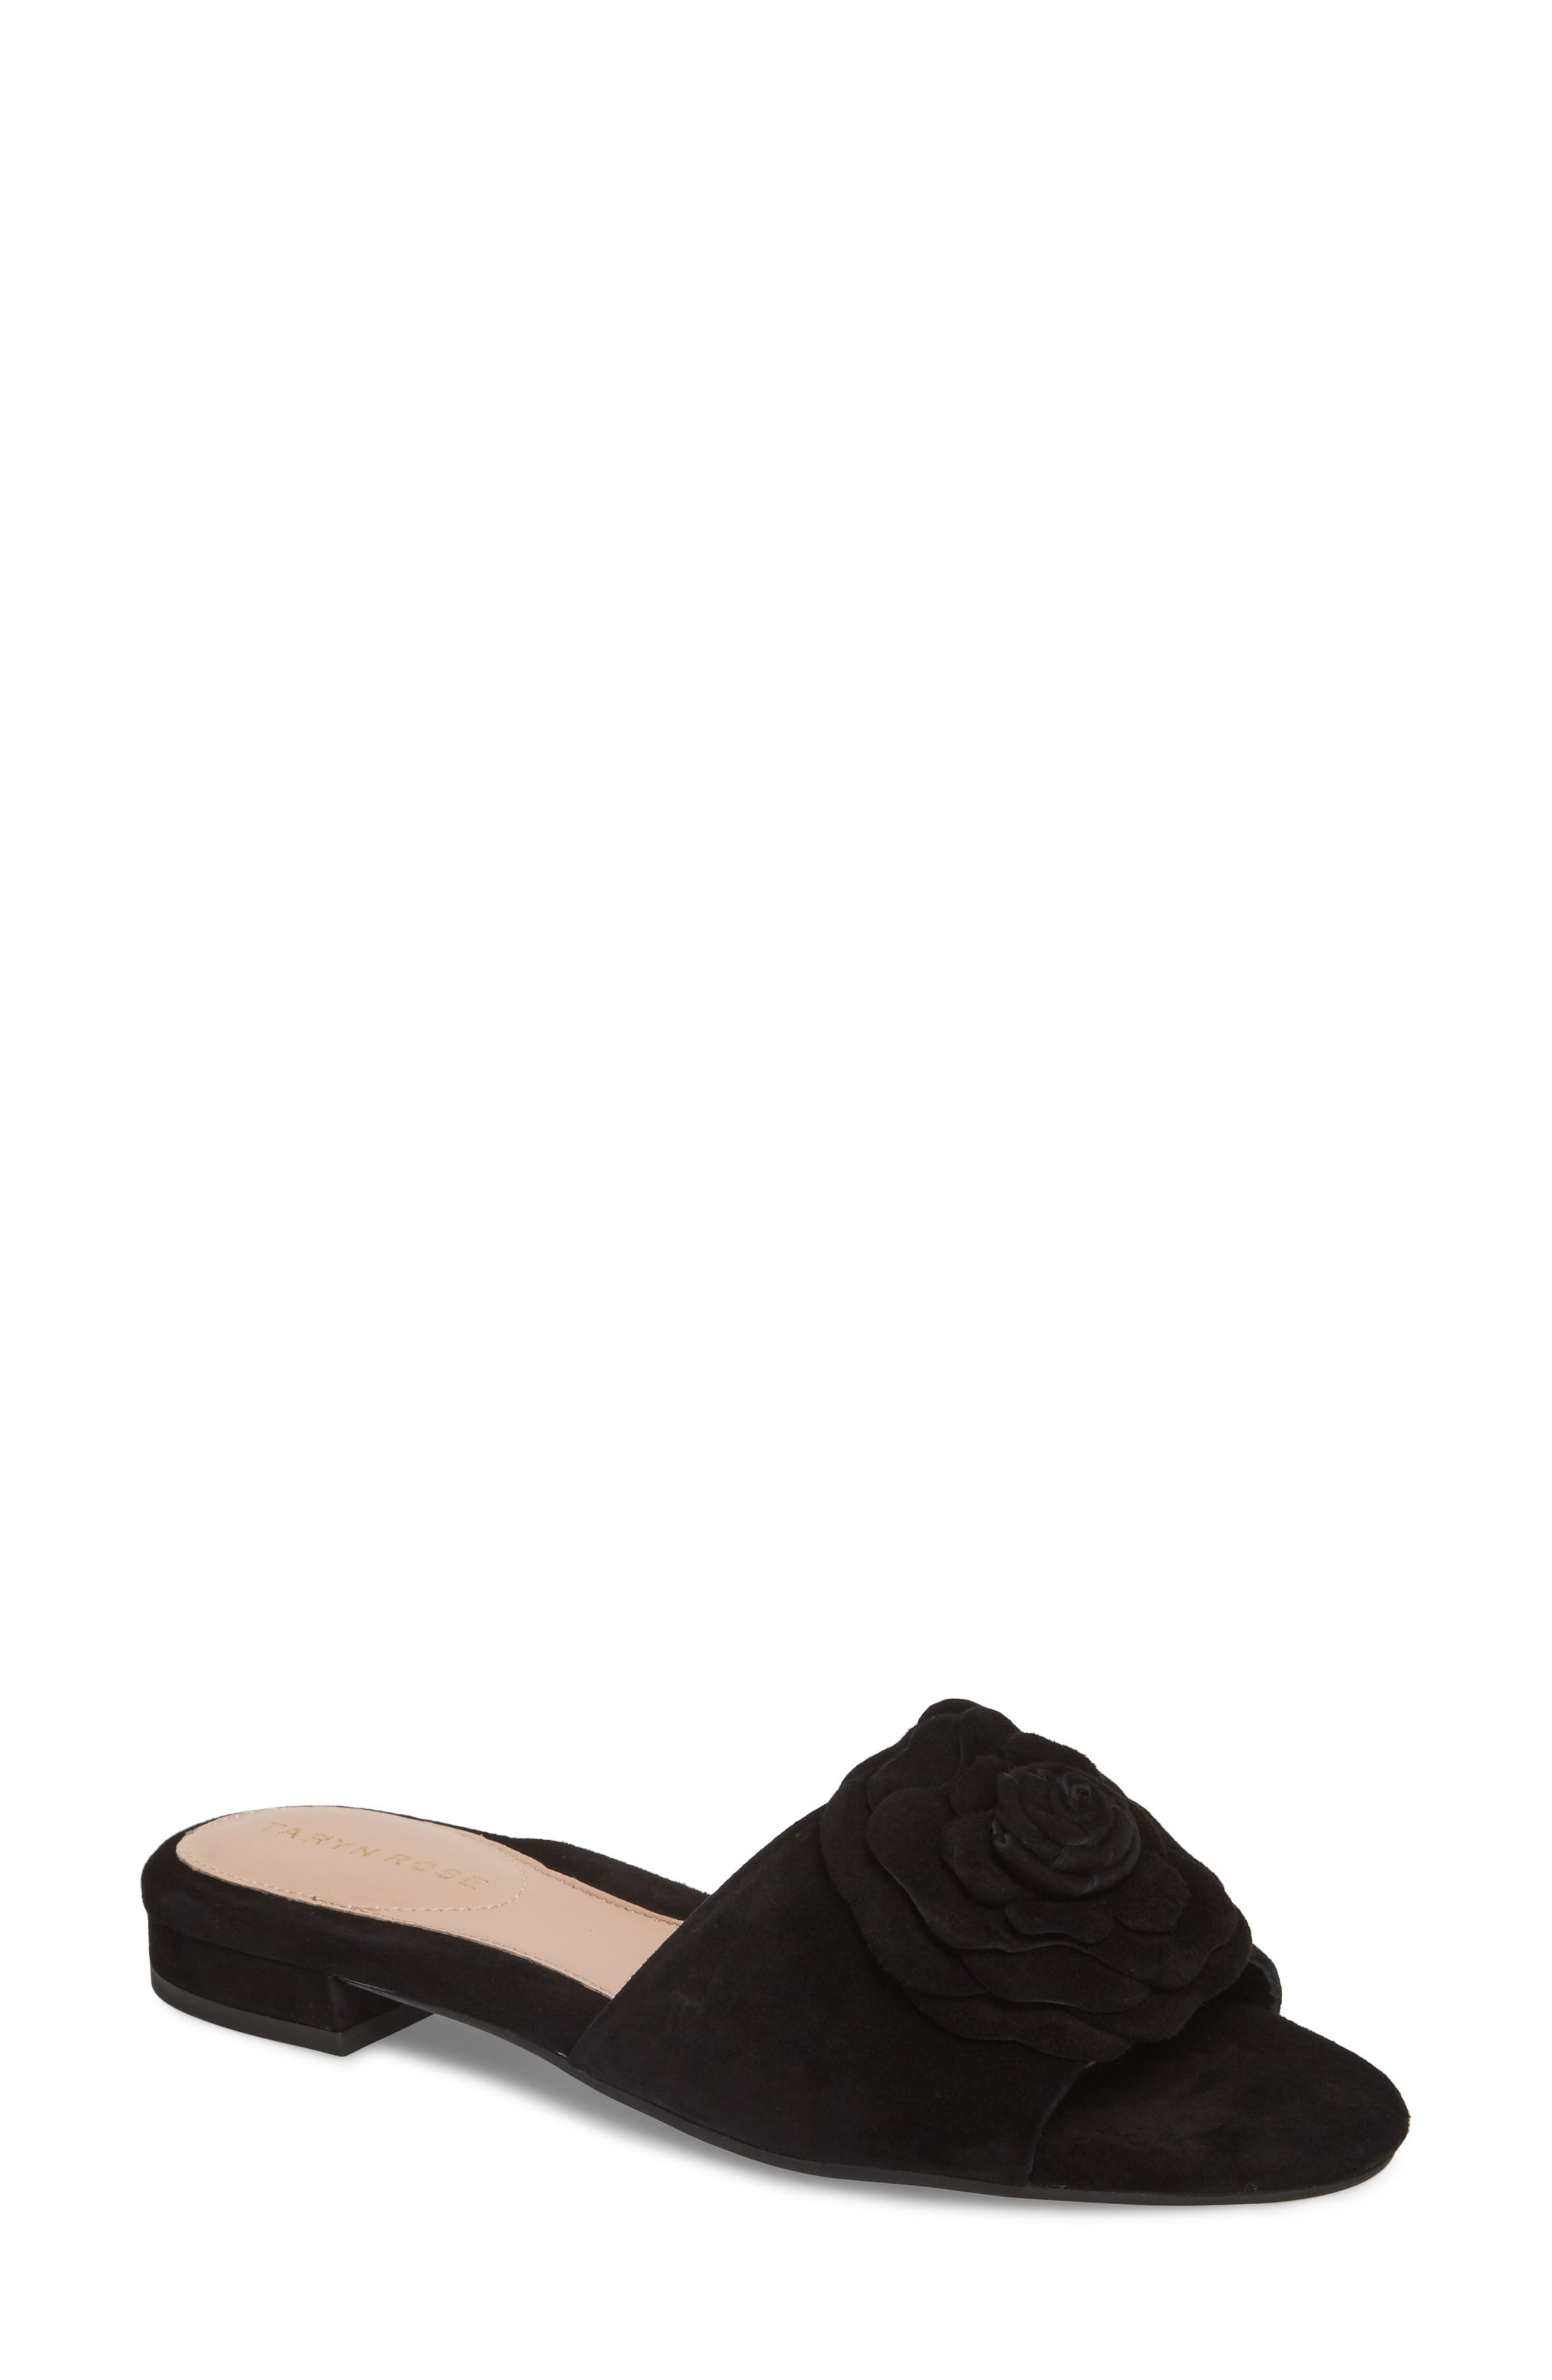 Violet Flower Slide Sandal,                         Main,                         color, BLACK SUEDE